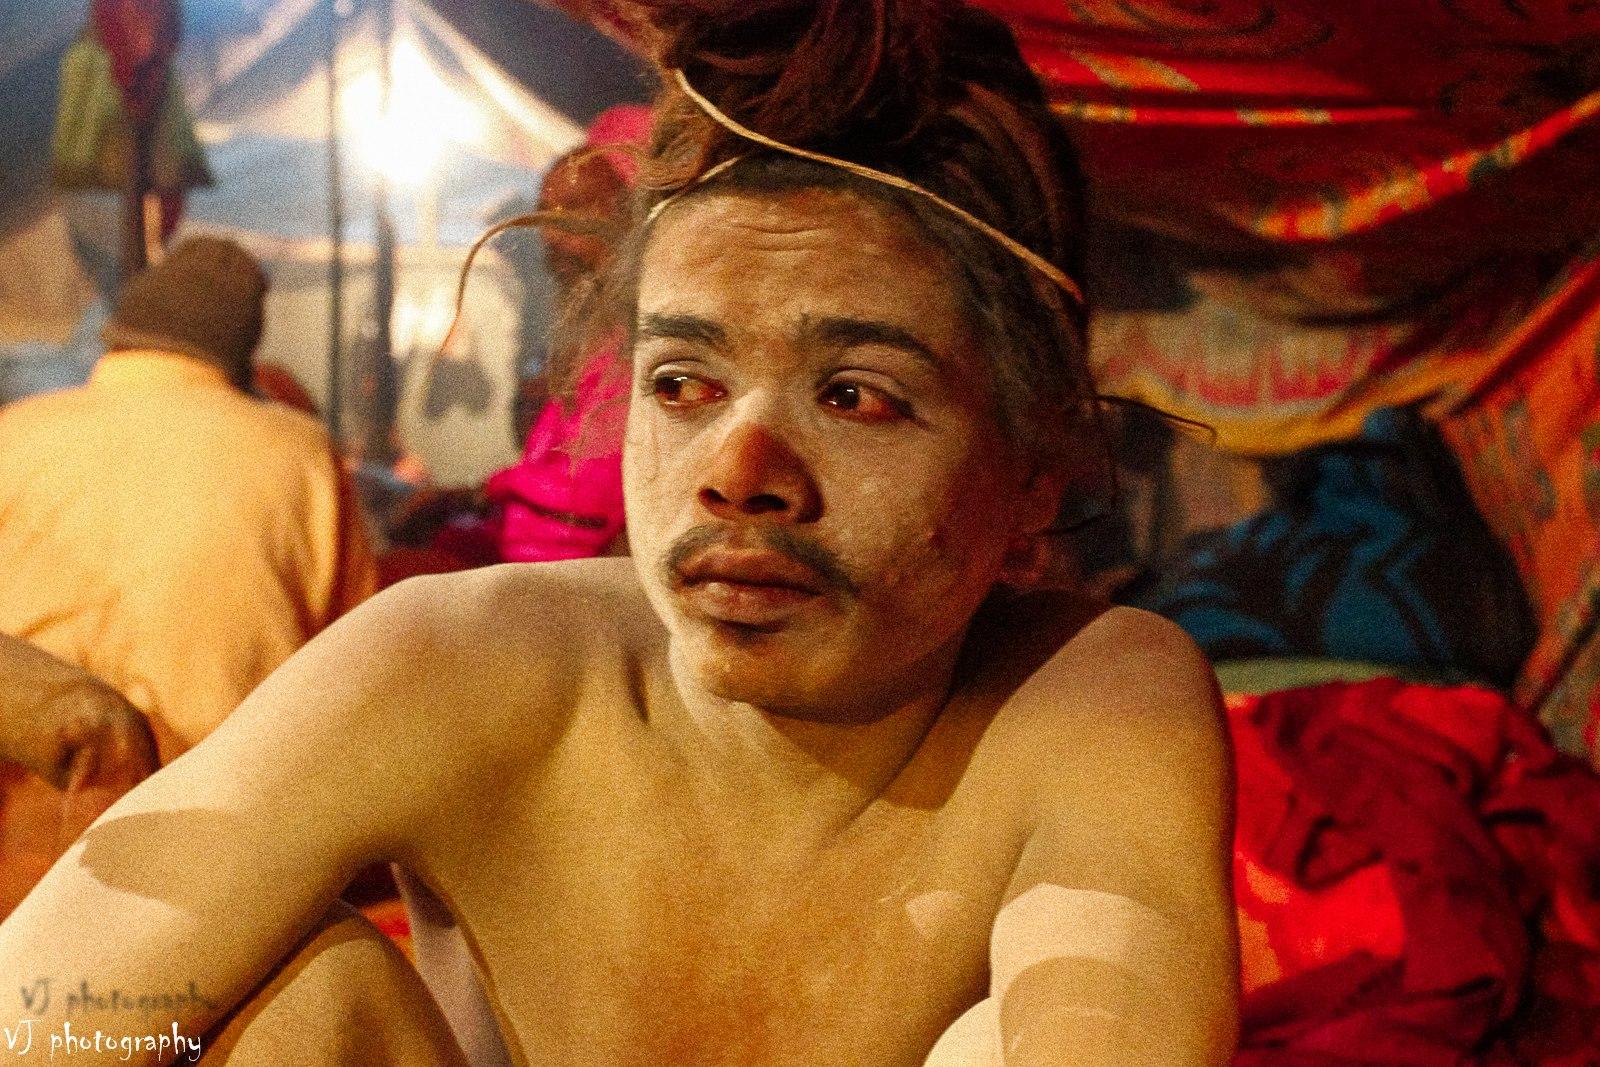 Red Eyes Naga Sadhu portrait Kumbh mela